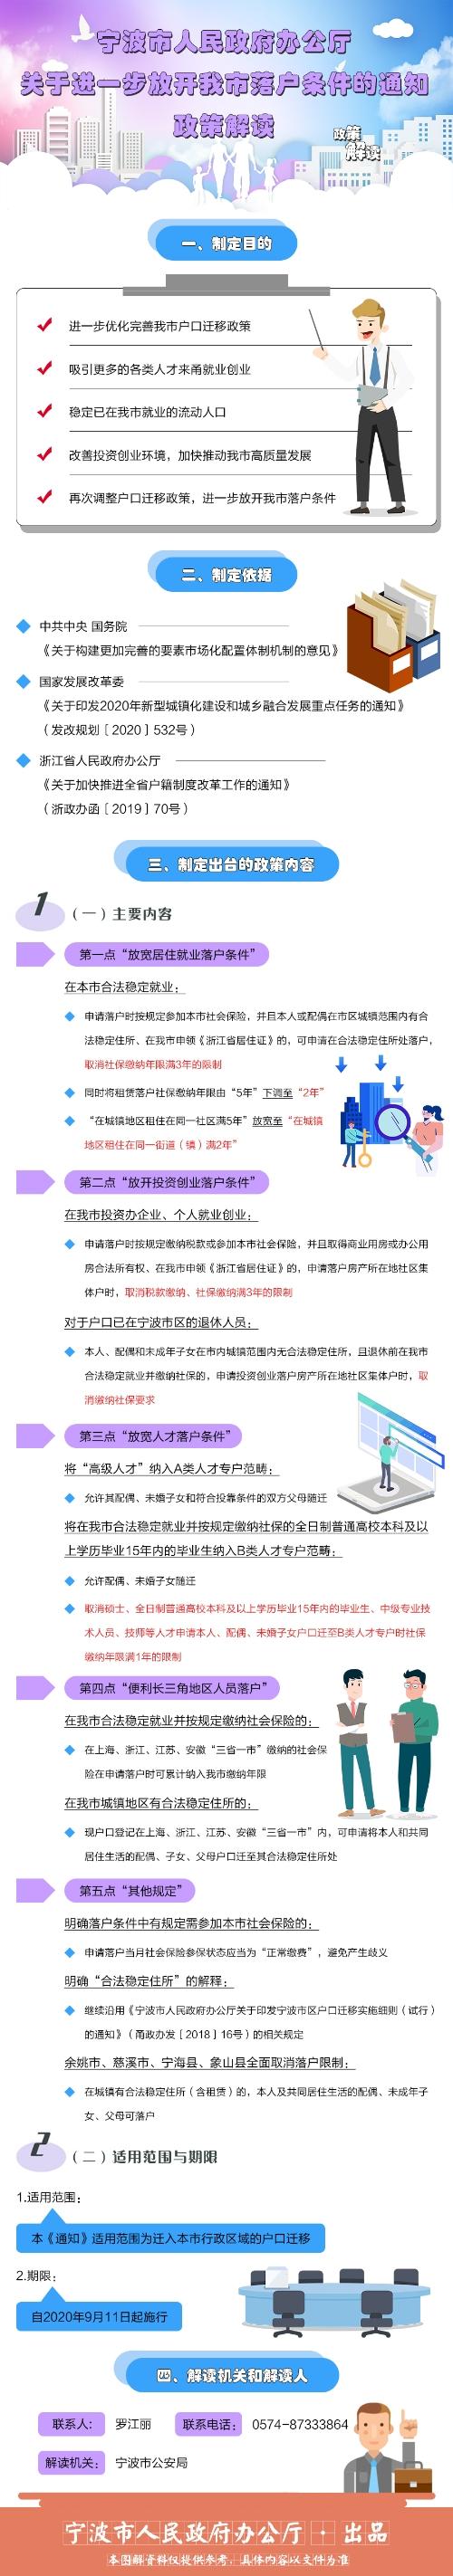 宁波户籍落户政策规定